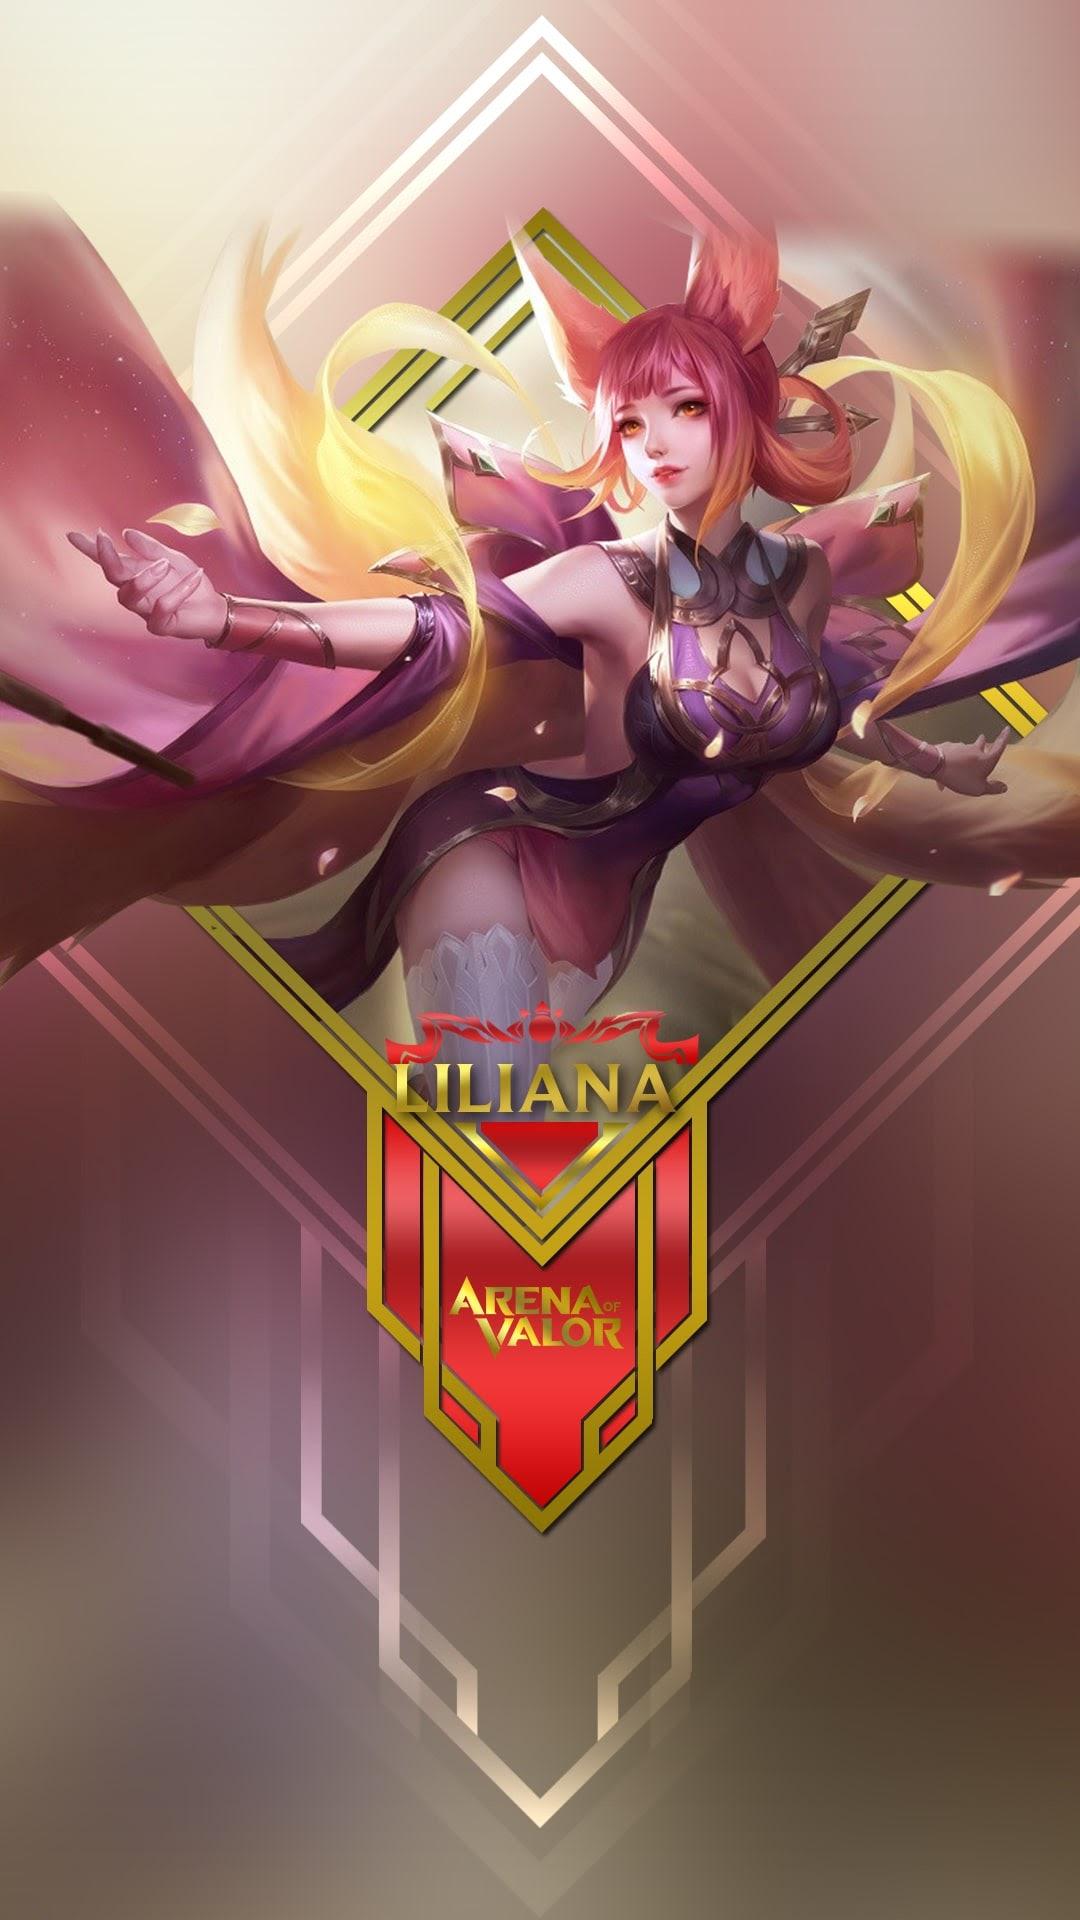 Hình nền liên quân Mobile cho điện thoại - Tướng Liliana